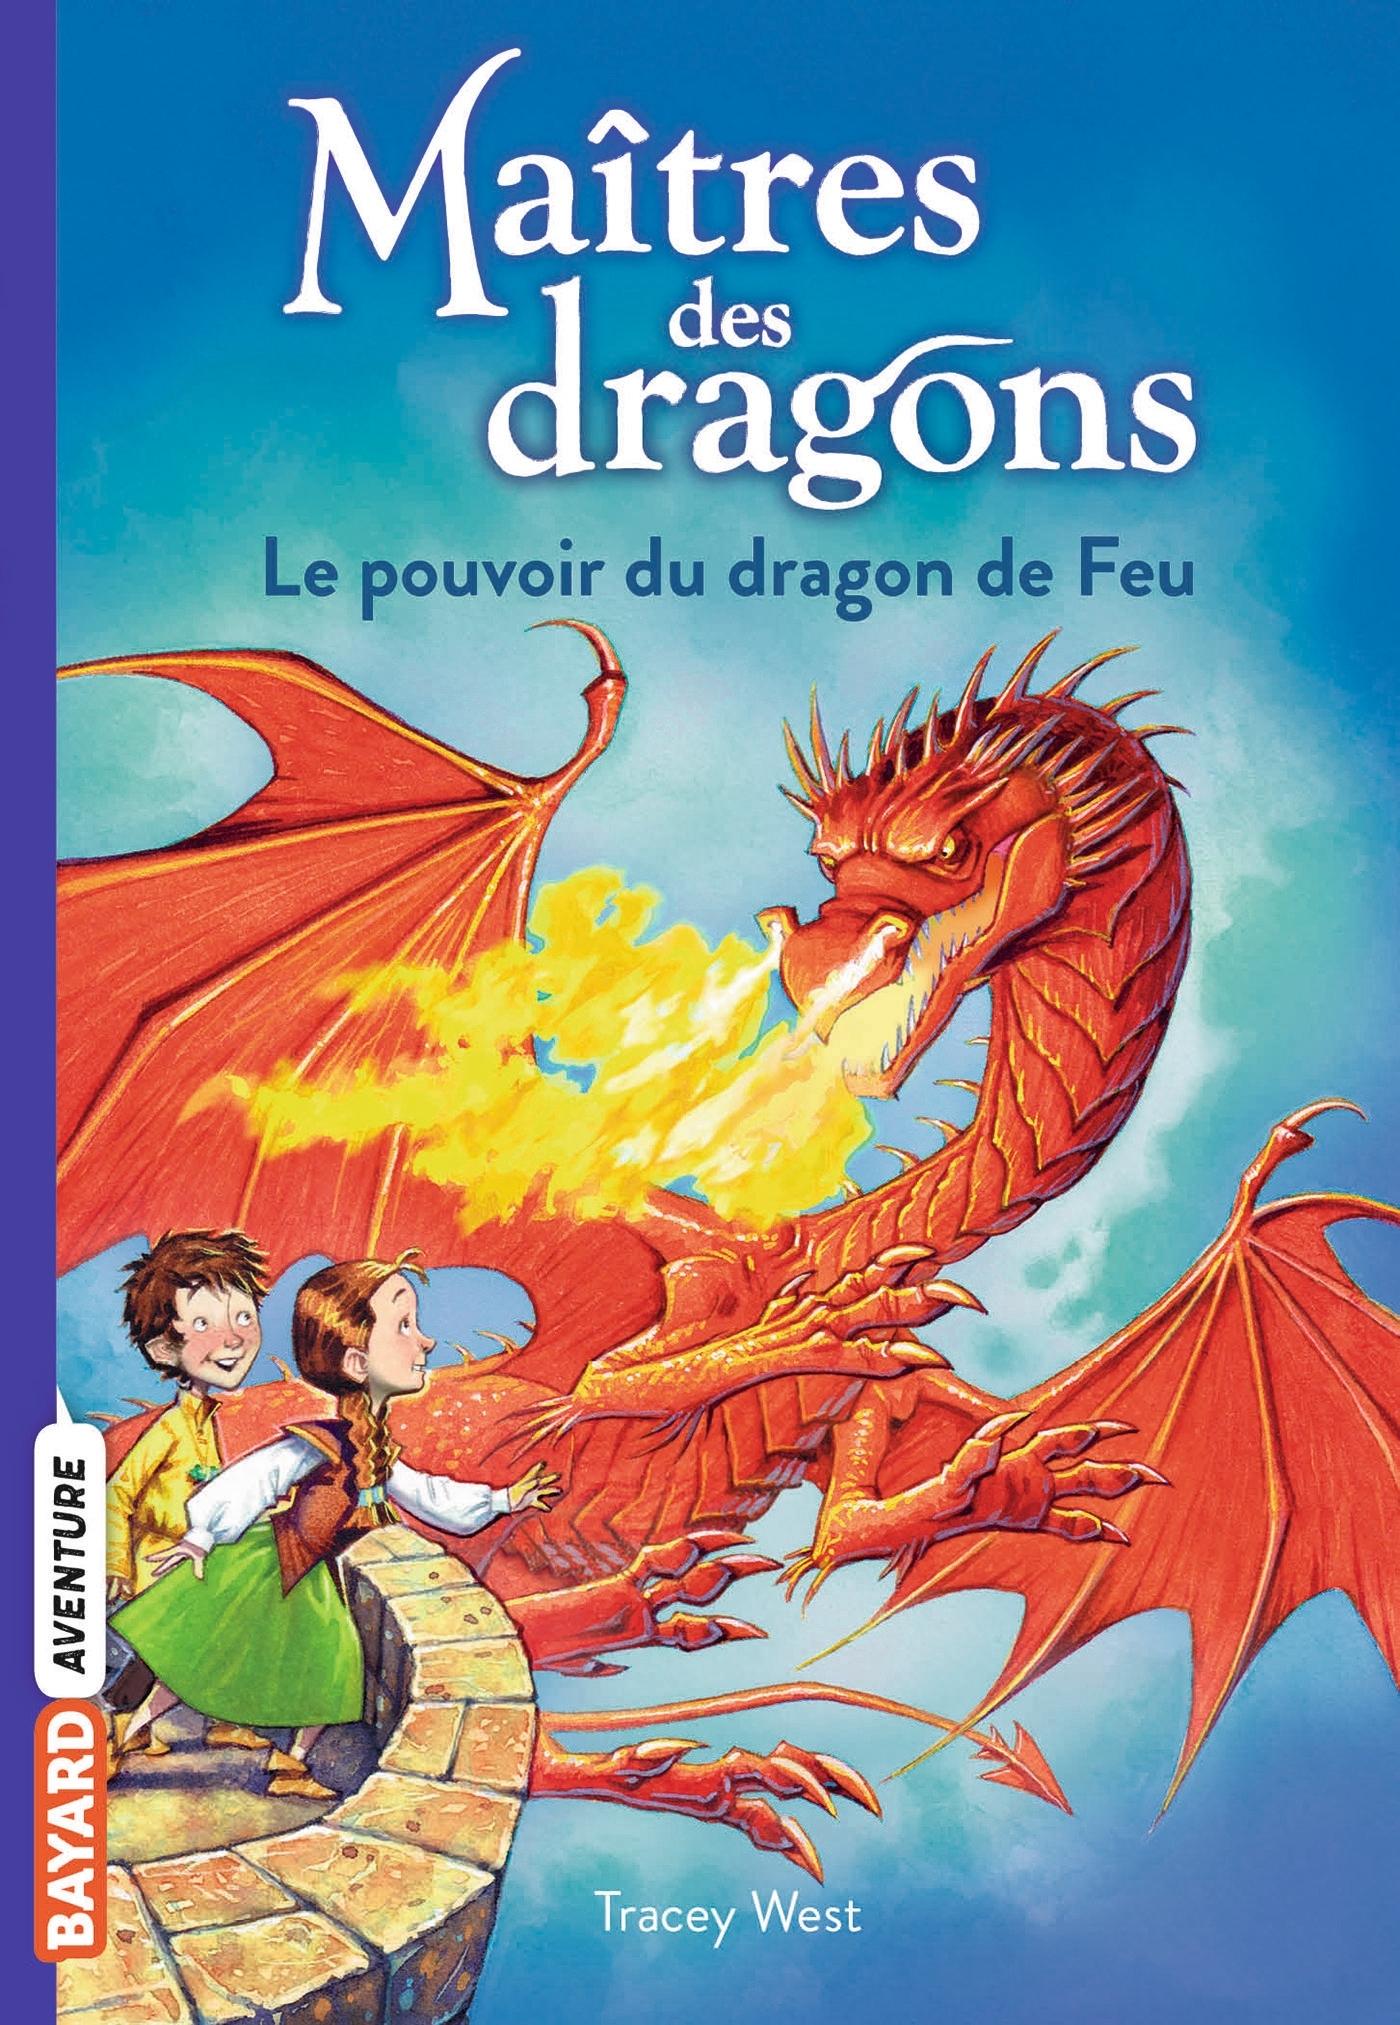 MAITRES DES DRAGONS, TOME 04 - LE POUVOIR DU DRAGON DE FEU